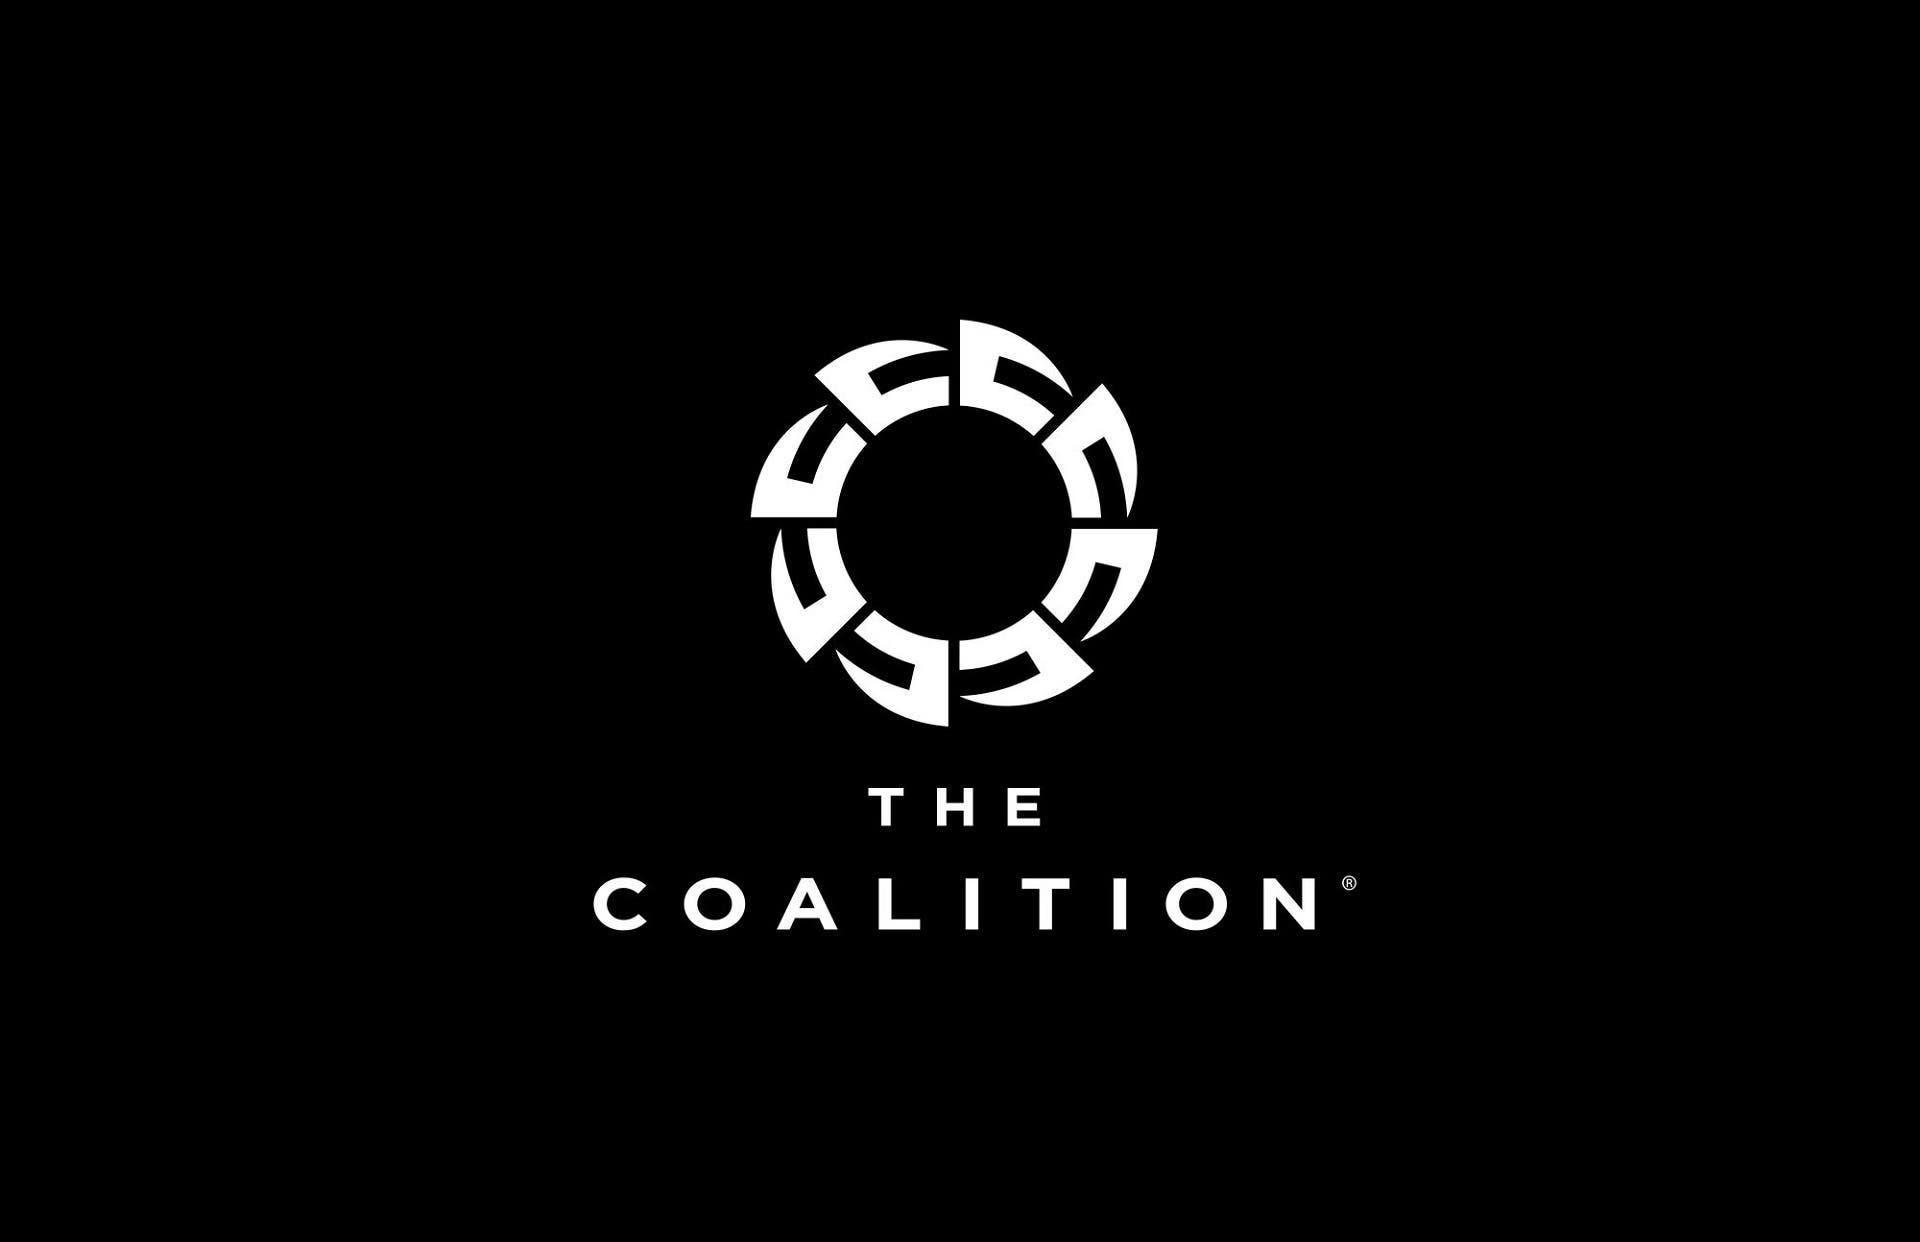 El nuevo miembro de The Coalition llega tras 15 años en Ubisoft 5